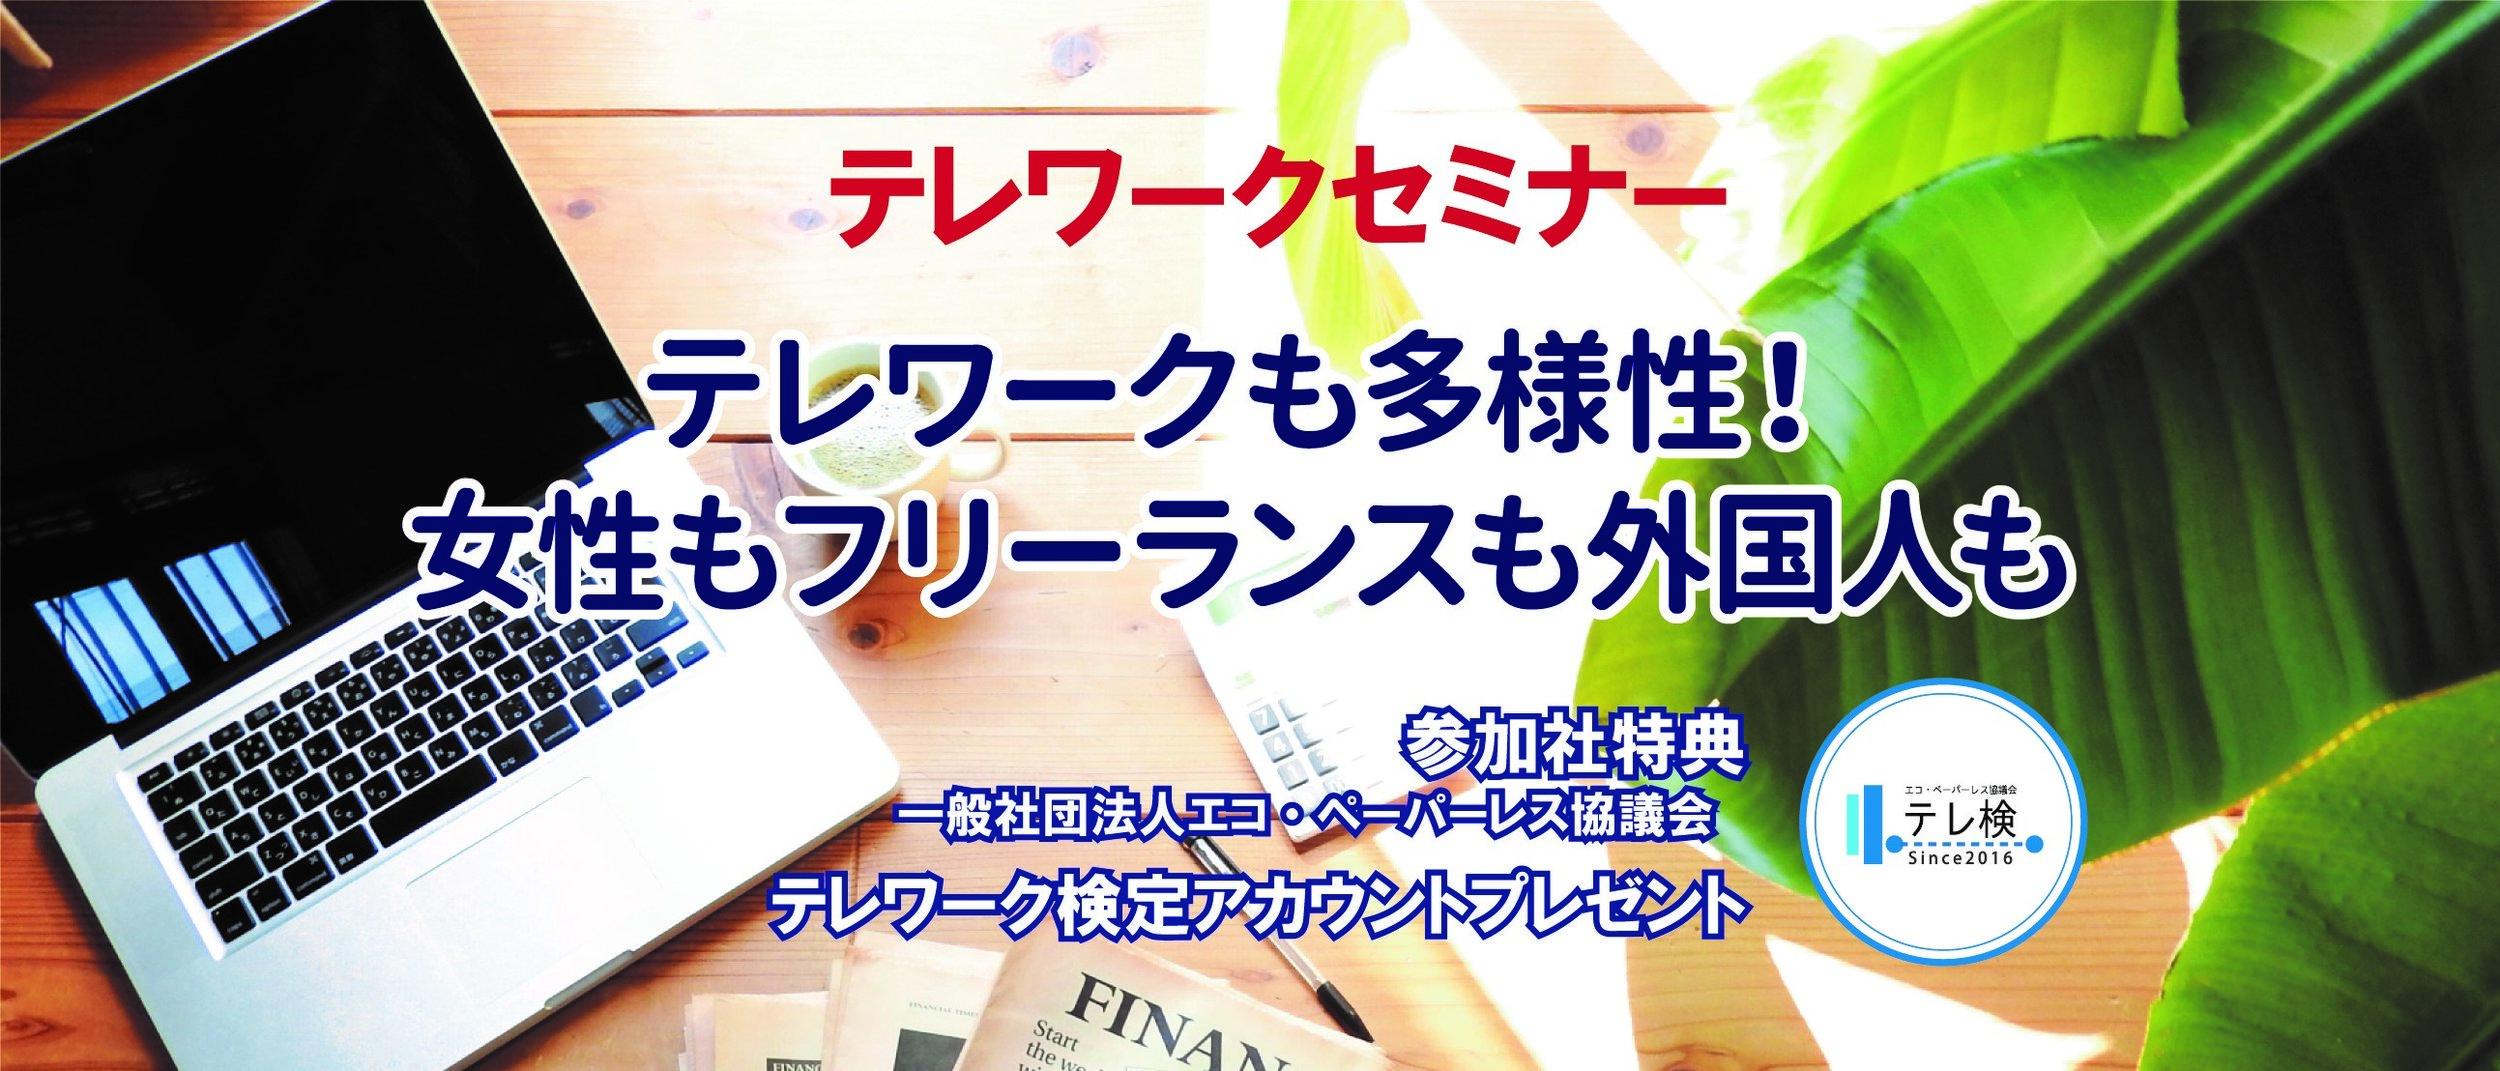 テレワークデイズイベント_201807mini.jpg